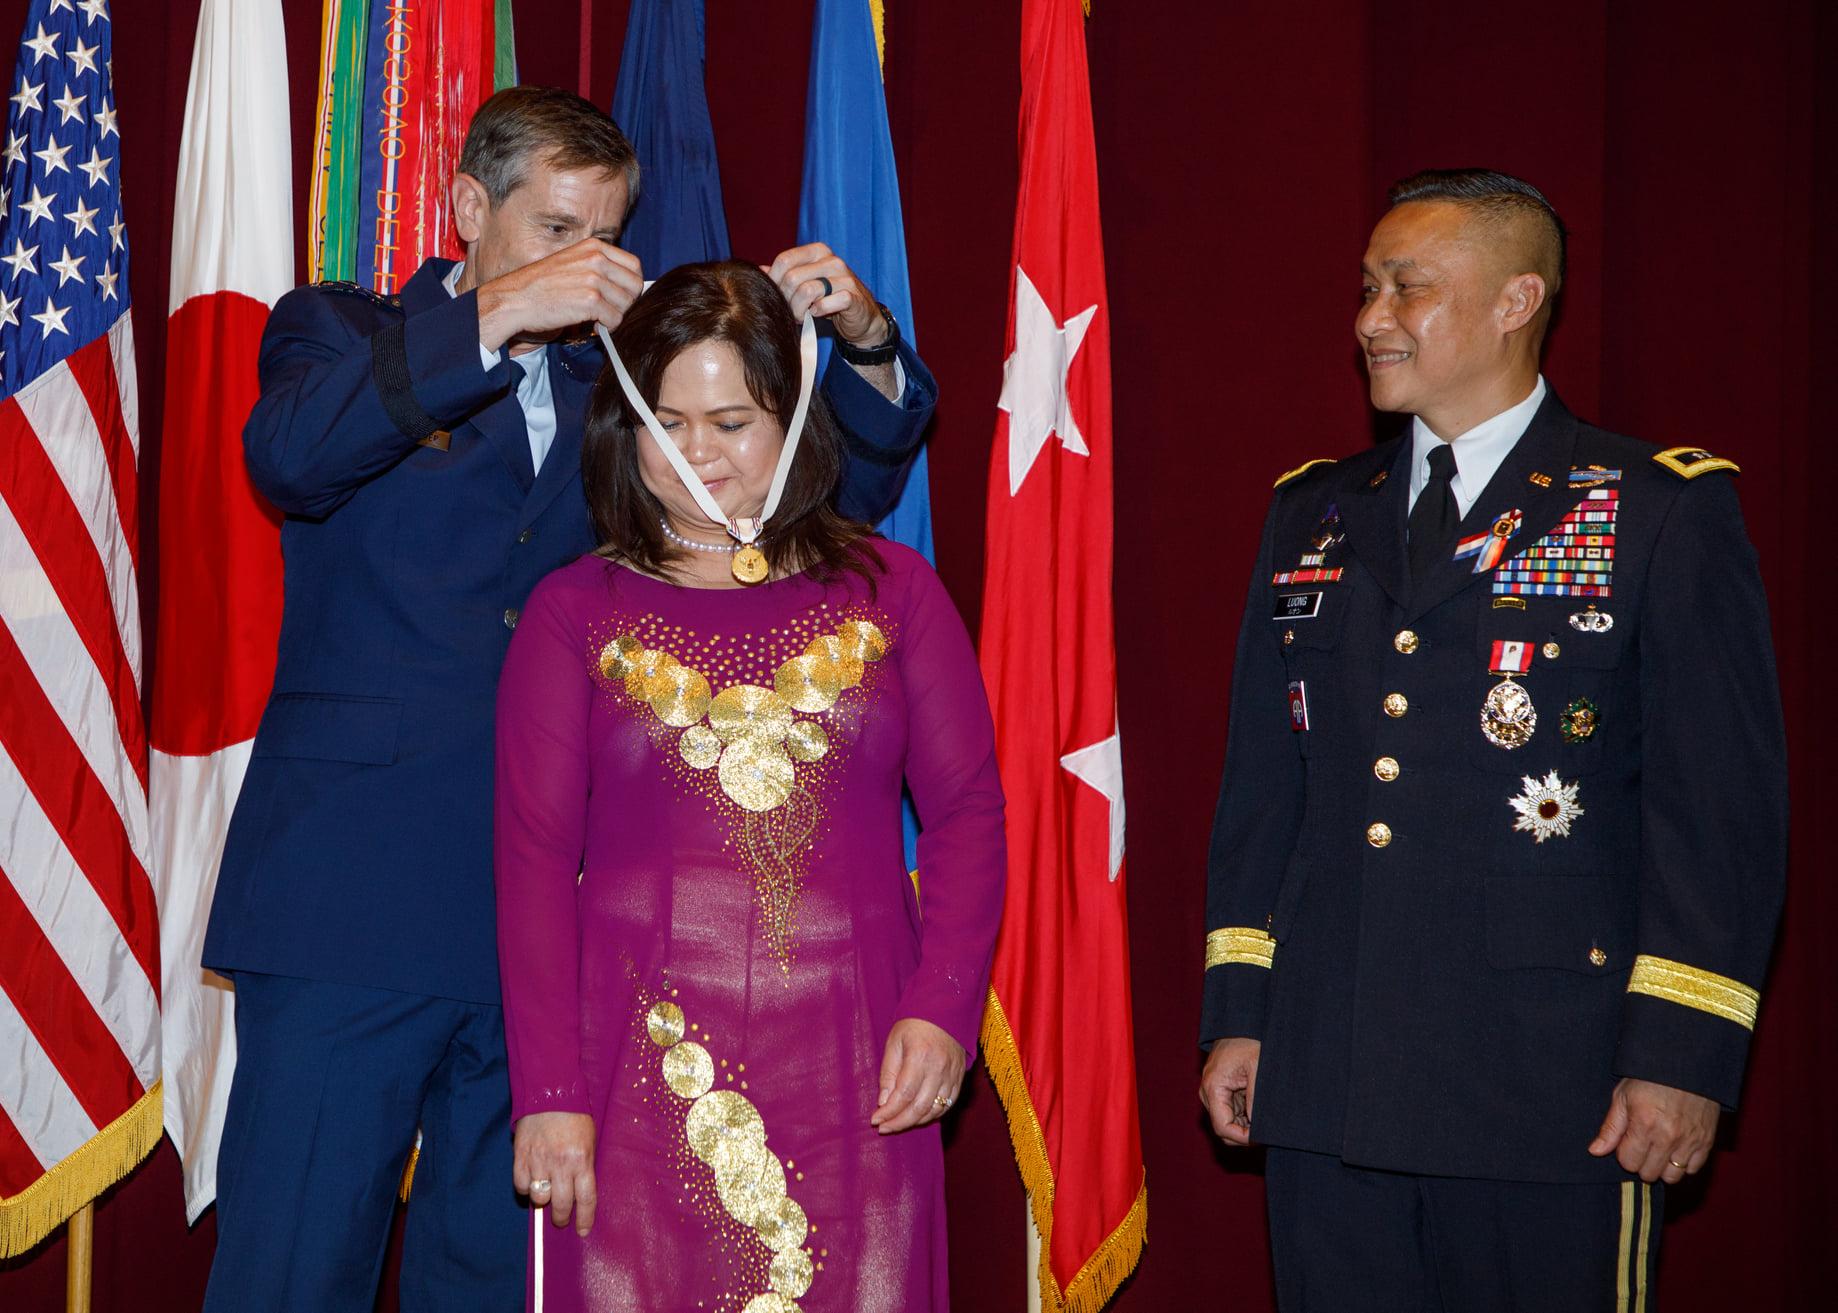 Tướng Lương Xuân Việt giải ngũ sau 34 năm trong quân đội Mỹ DP-Luong-Xuan-Viet-Nghi-Huu-3